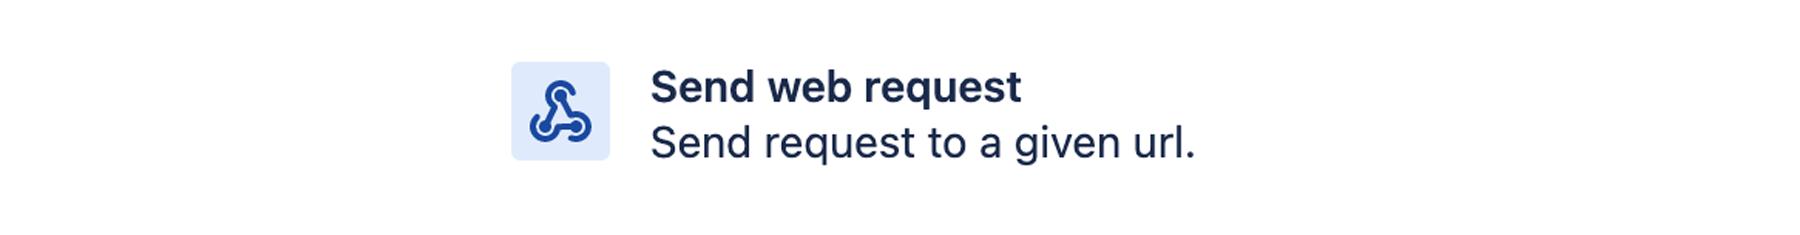 Send web request